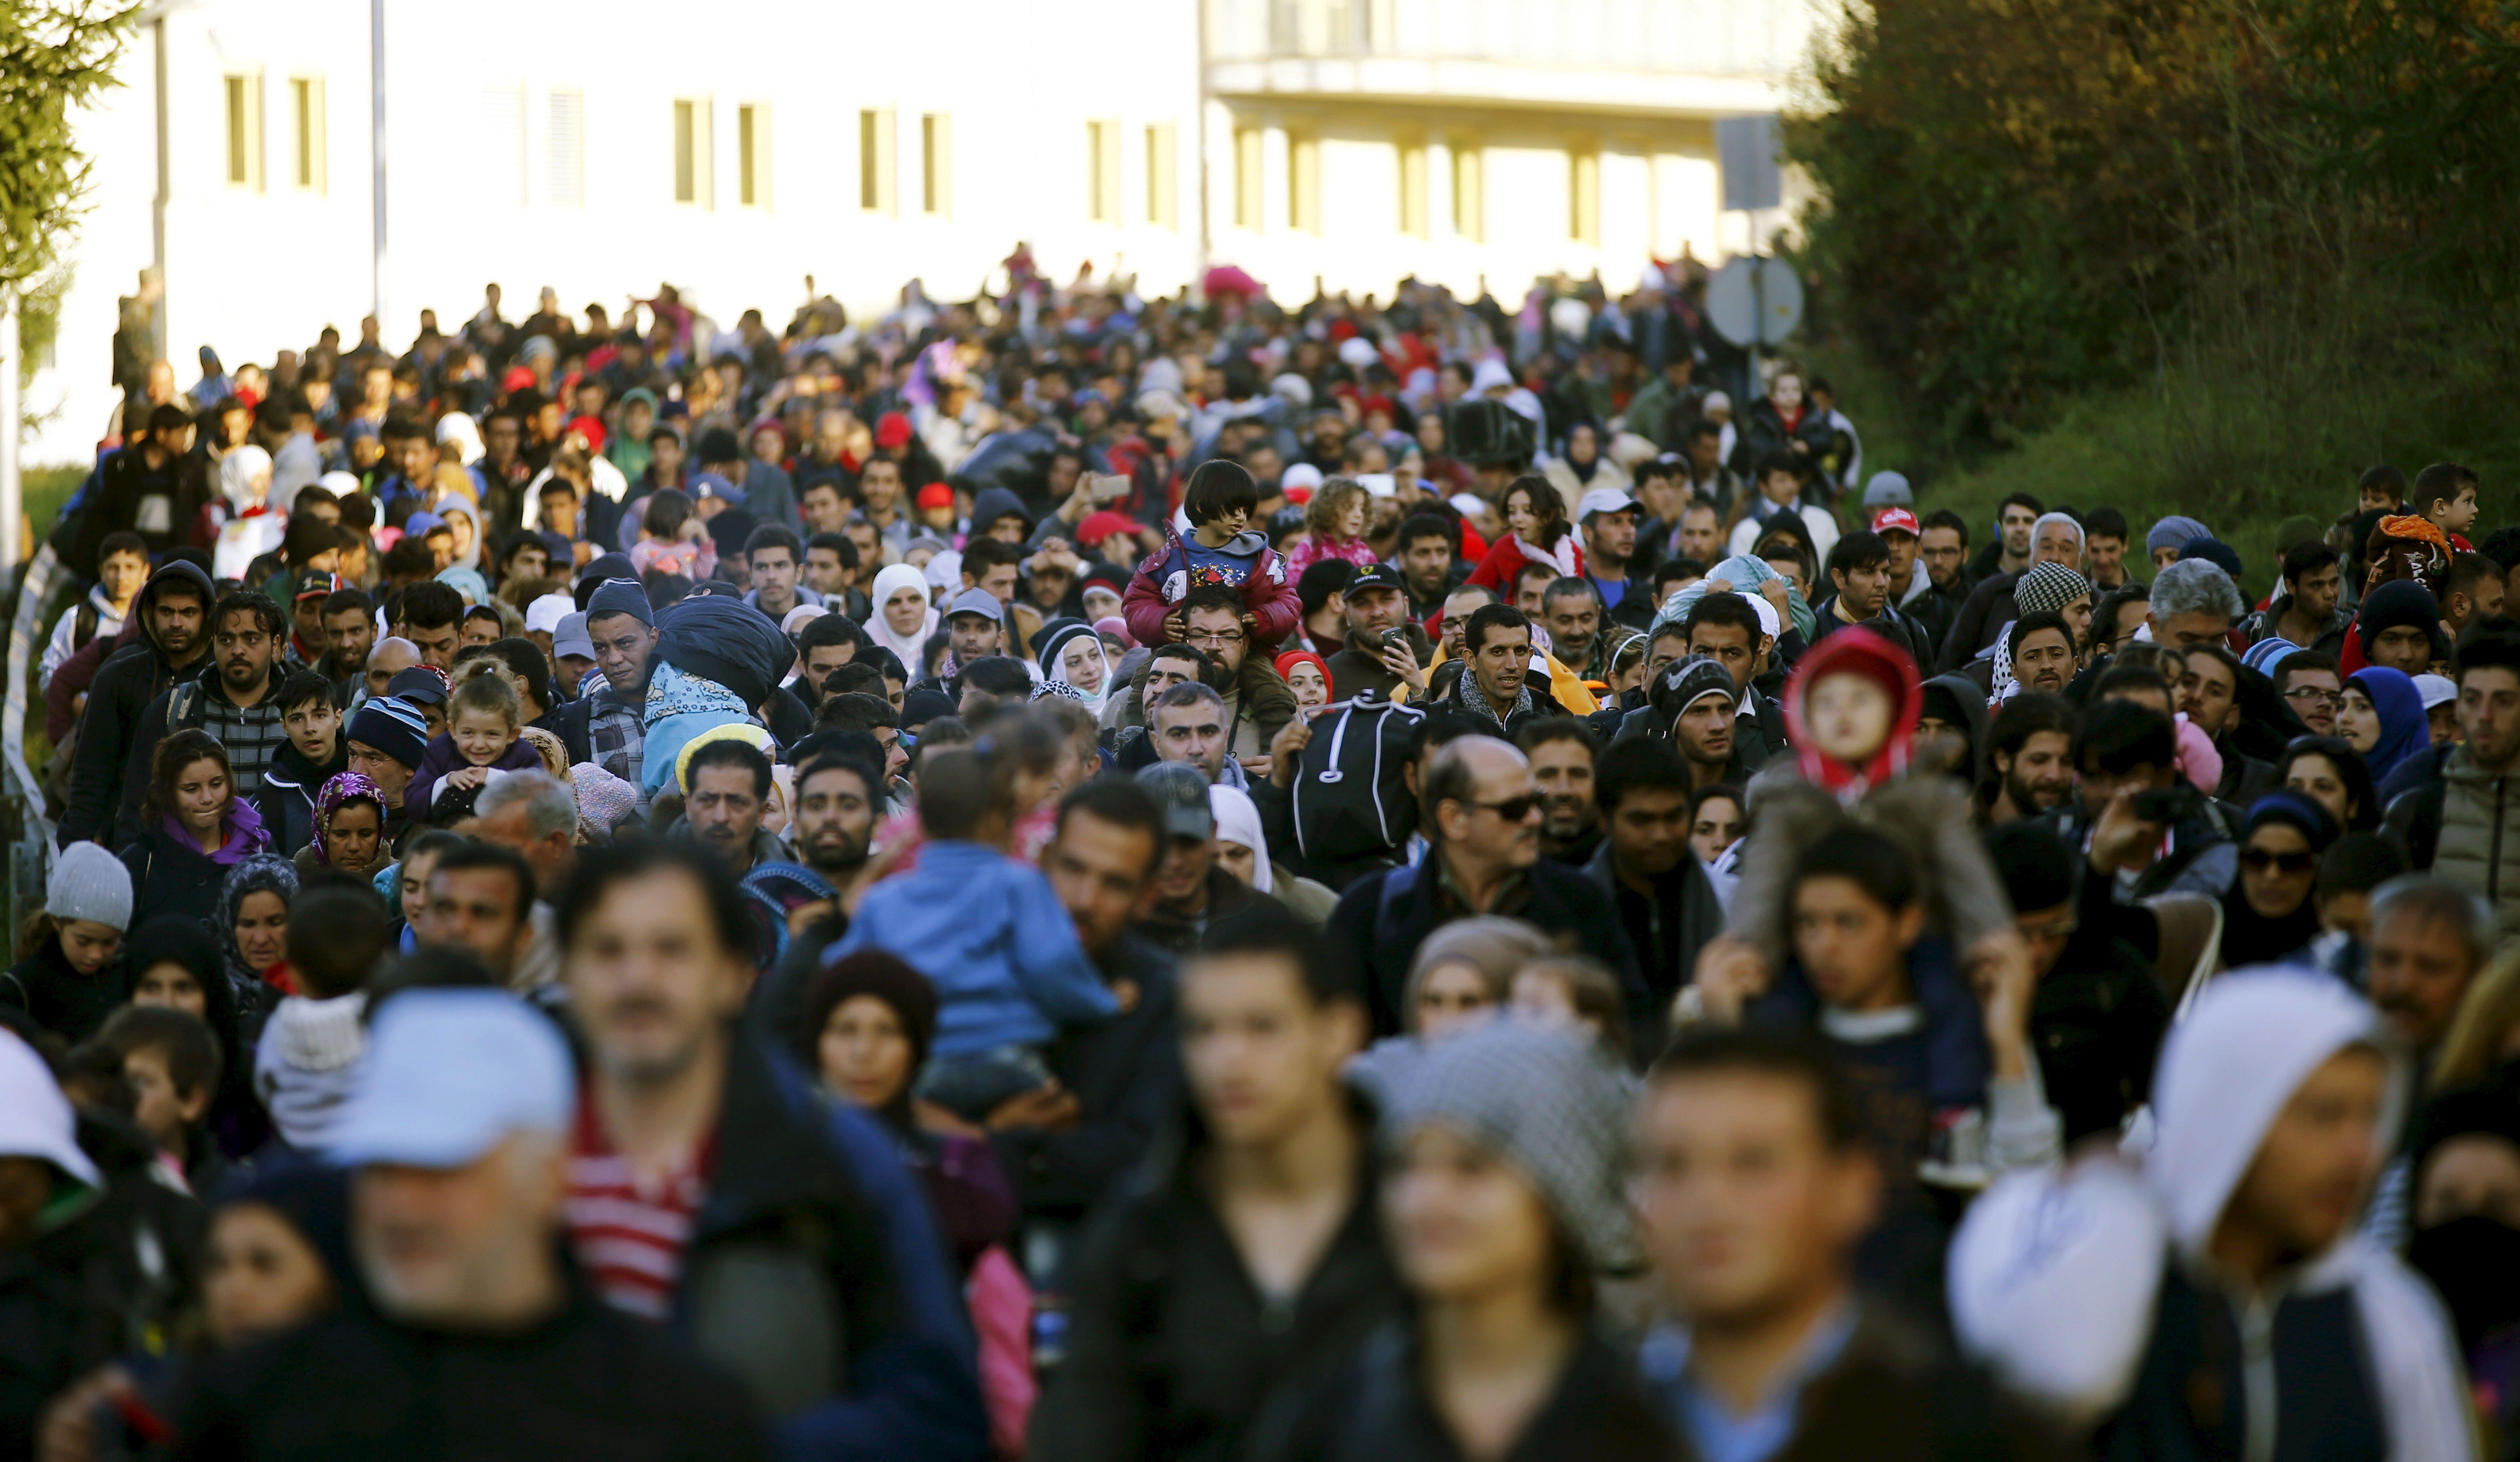 La Pologne lie les attentats à la crise des migrants et déclare qu'elle n'en accueillera pas